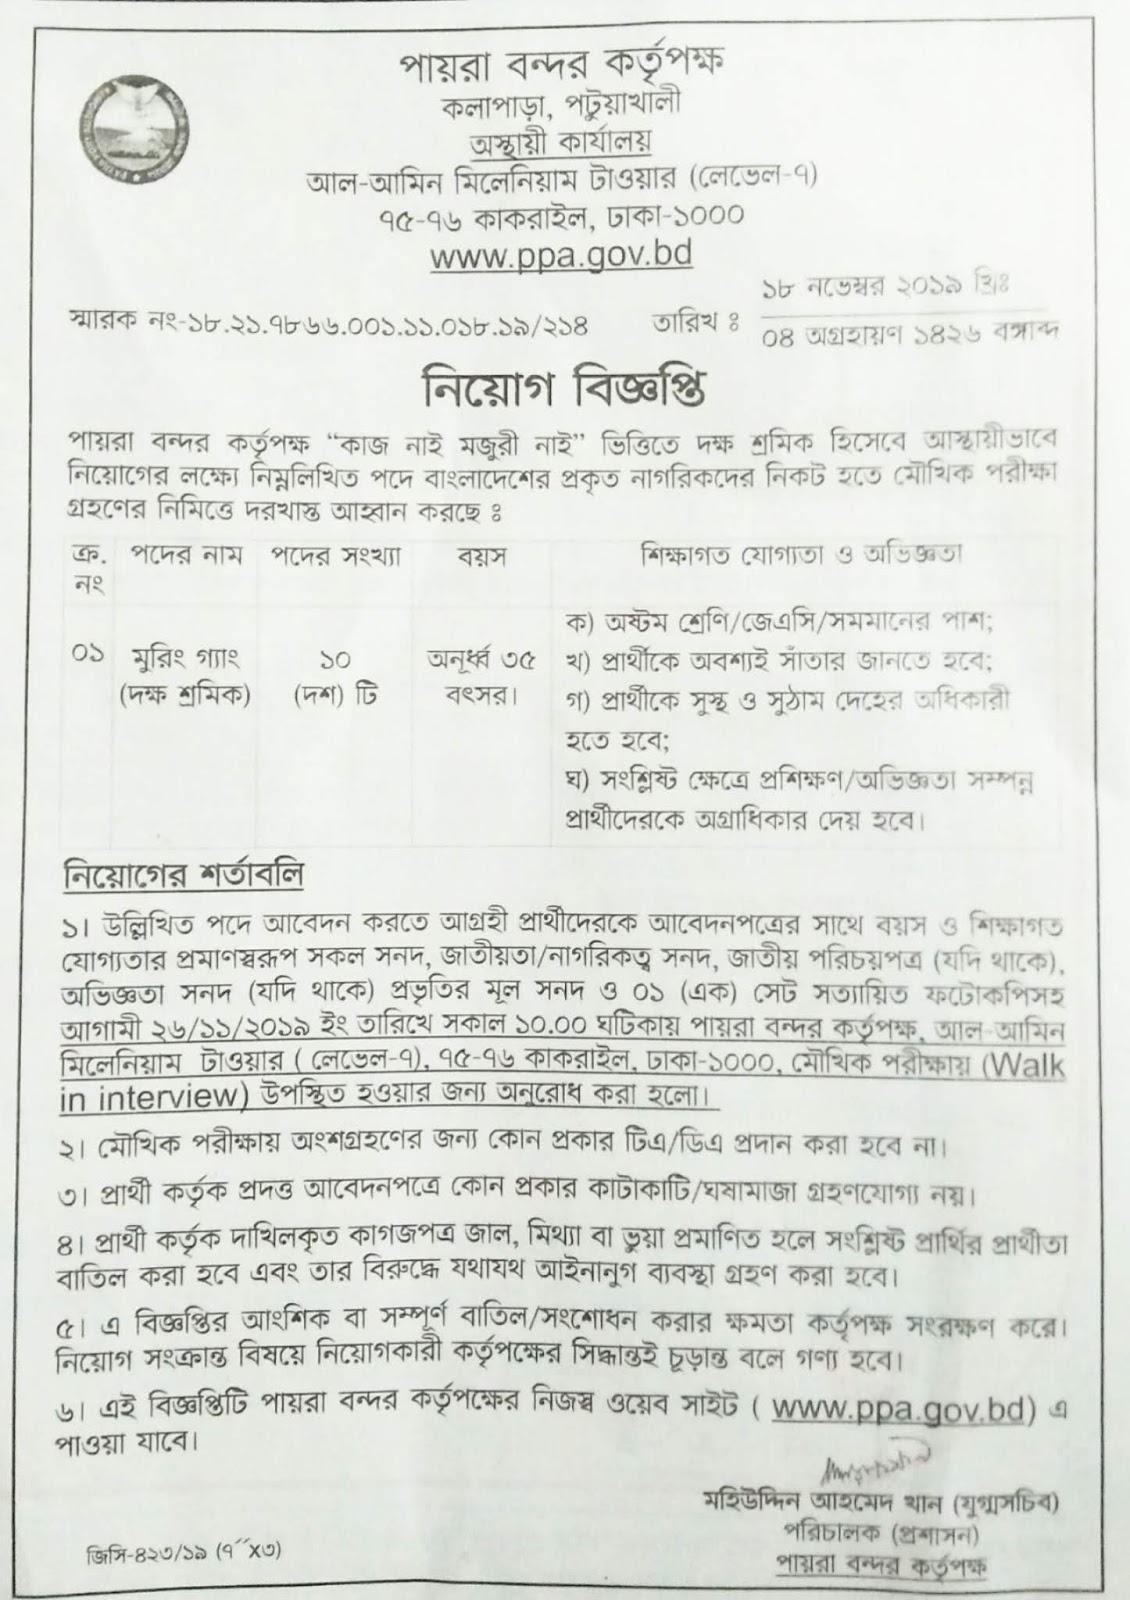 Port of payra job circular 2019. পায়রা বন্দর কর্তৃপক্ষ নিয়োগ বিজ্ঞপ্তি ২০১৯